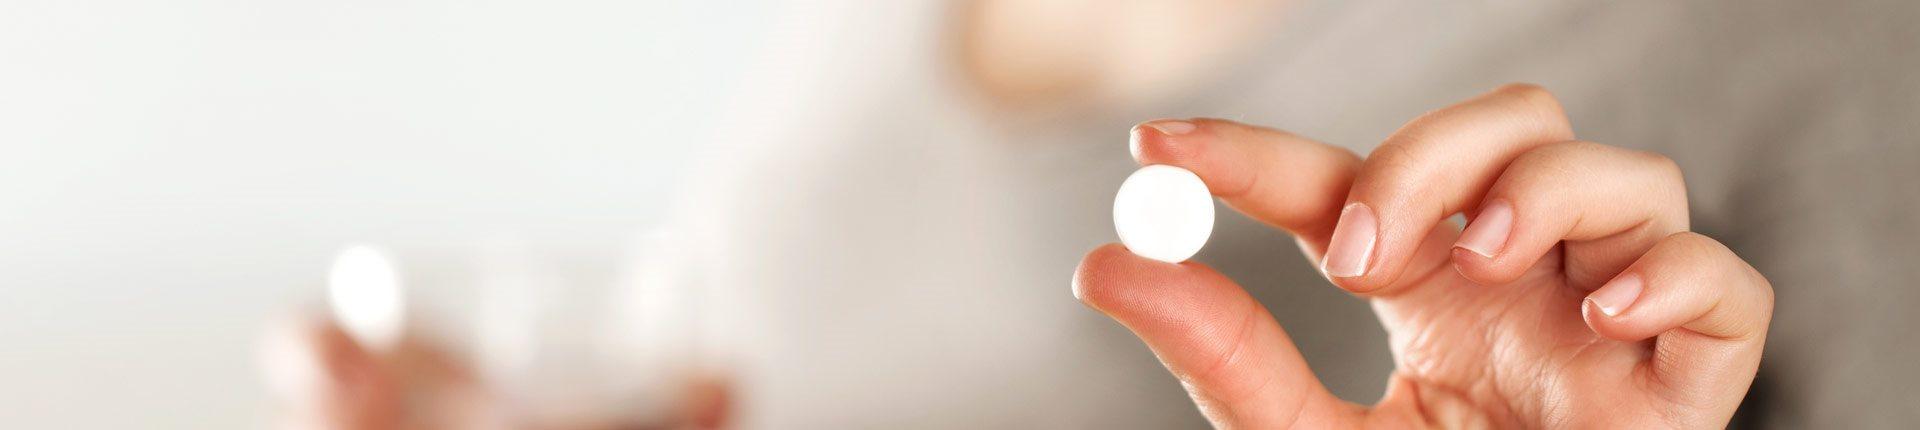 Aspiryna jako profilaktyka: warto czy nie?